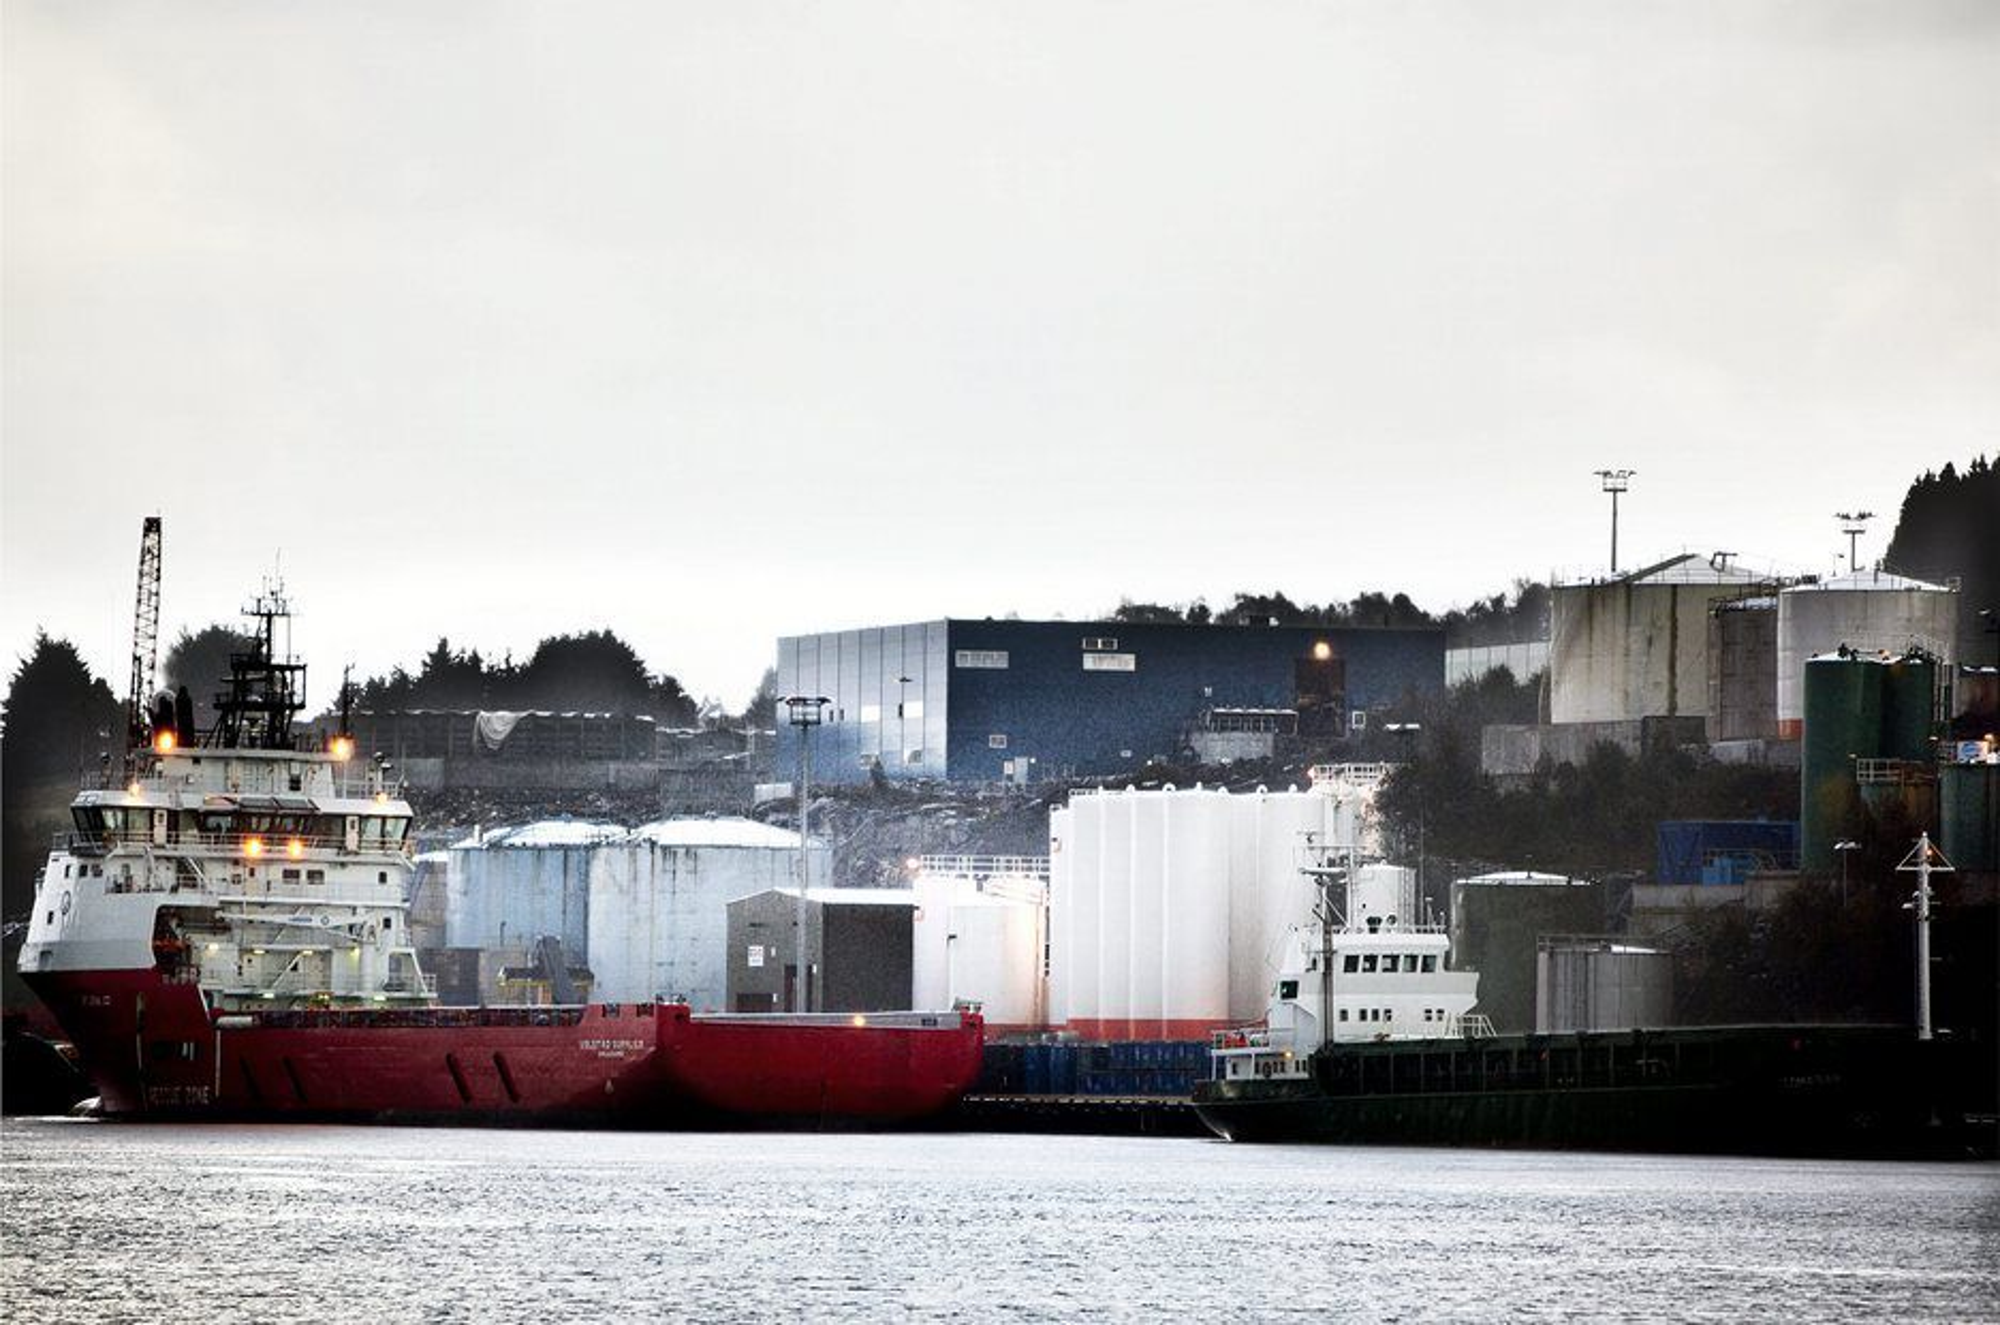 SPRENGT: Her kommer forsyningsskipene inn med farlig avfall fra Statoils plattformer og leverer til tankene hos DVS Norge. Selskapet utvider nå behandlingsanlegget for farlig avfall på Mongstad, men er forsinket. DVS har foreløpig ikke kapasitet til å behandle alt de får betalt for å ta imot.